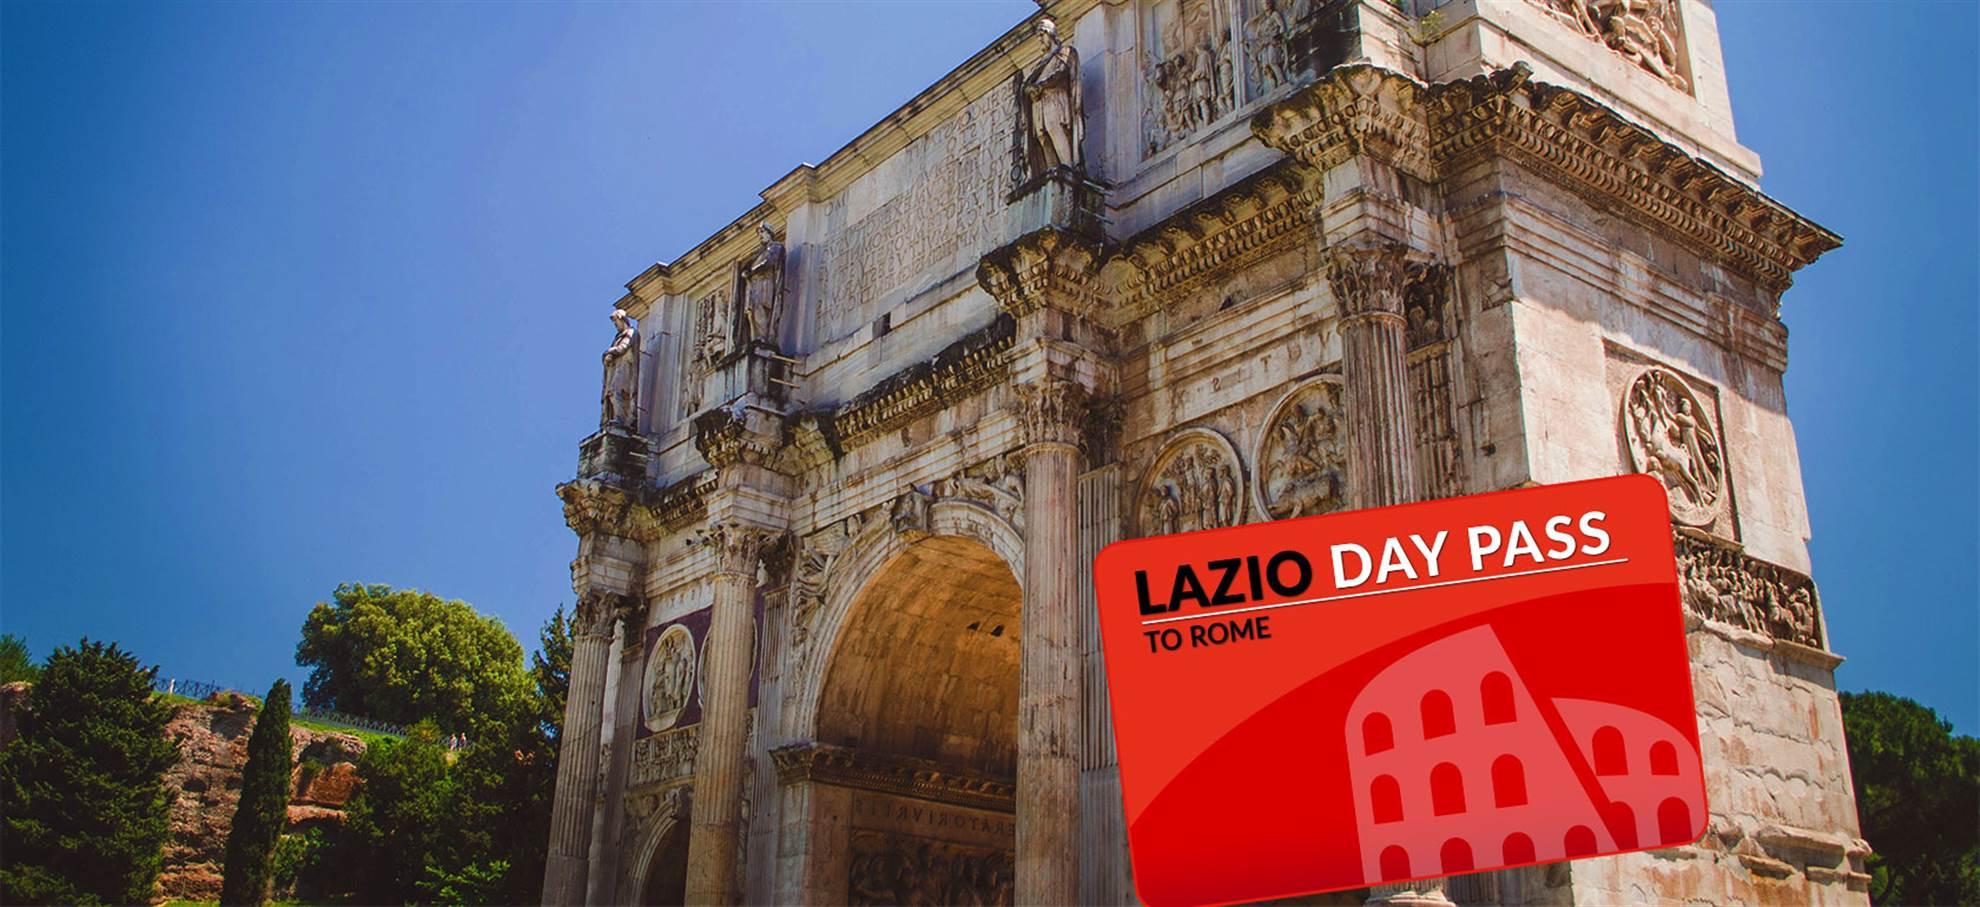 Lazio-Roma City Pass